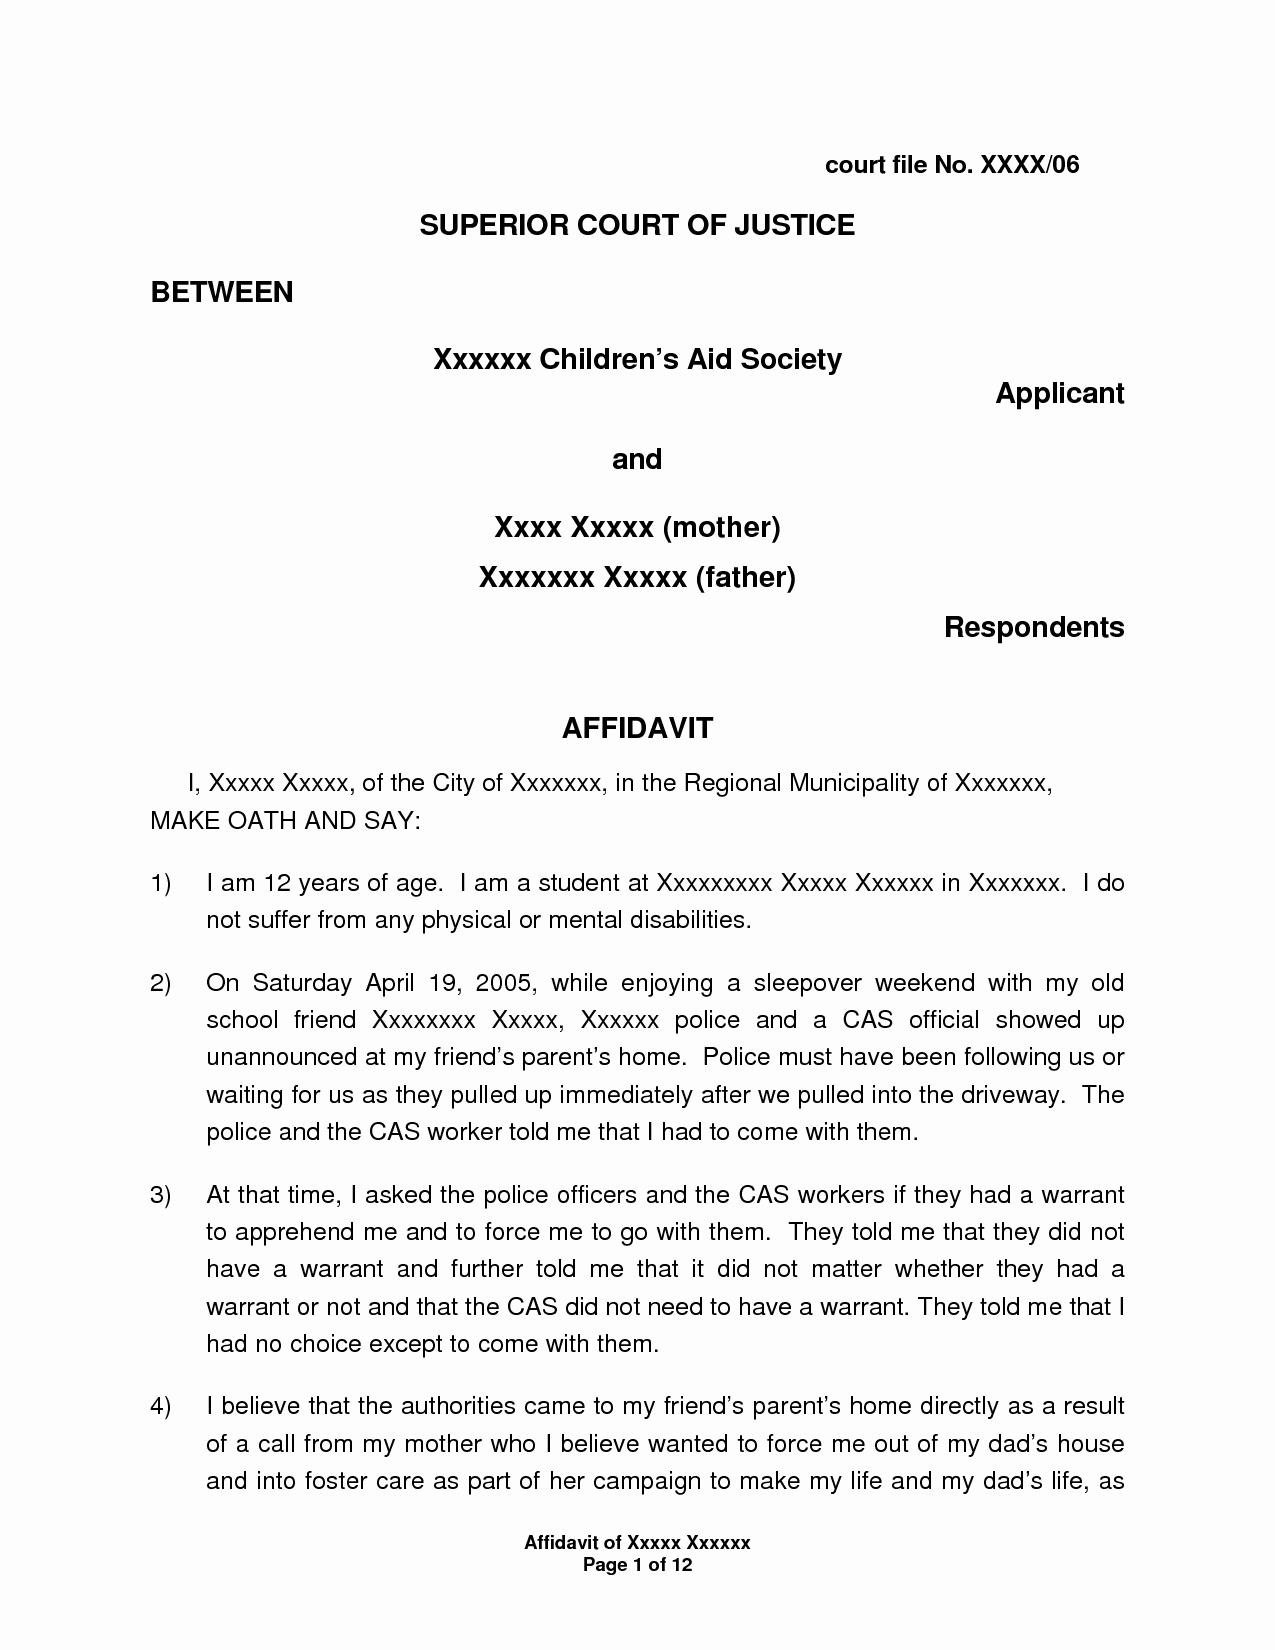 Sample Affidavit Of Support Letter Unique Letter Affidavit Sample for Immigration Support